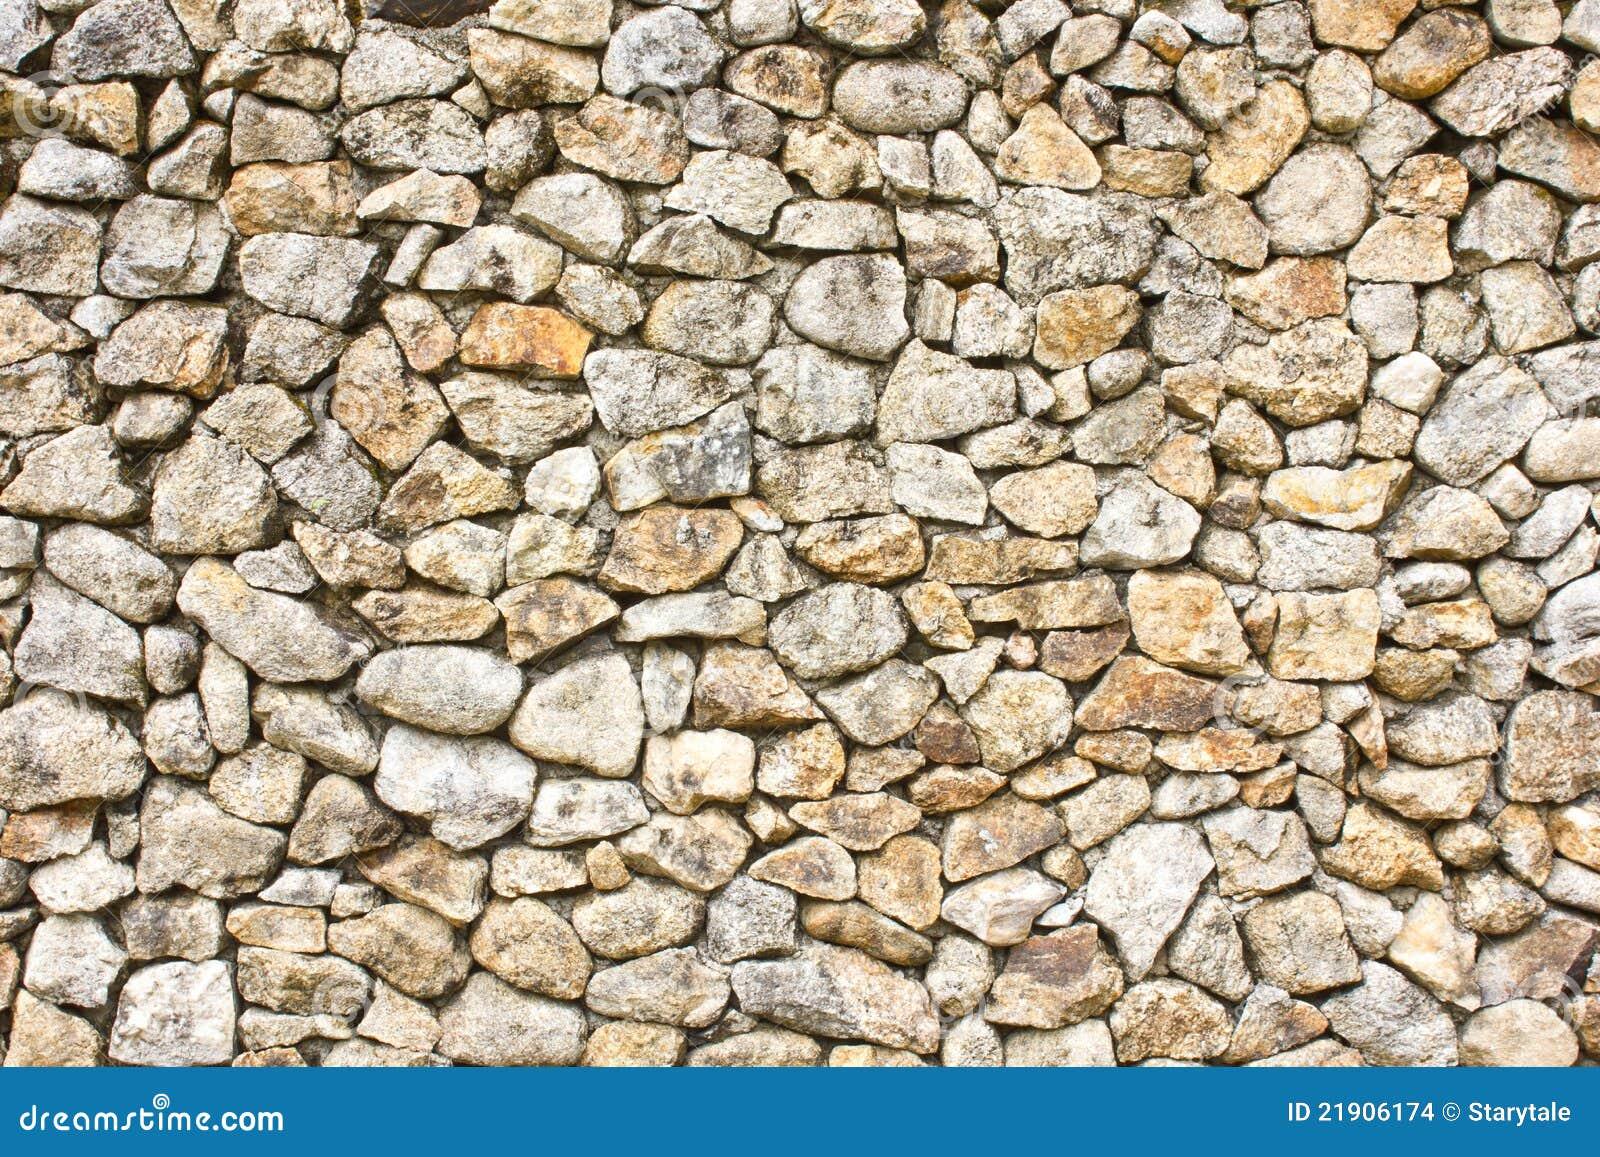 pared de piedras como textura outdoor mrmol - Pared Piedra